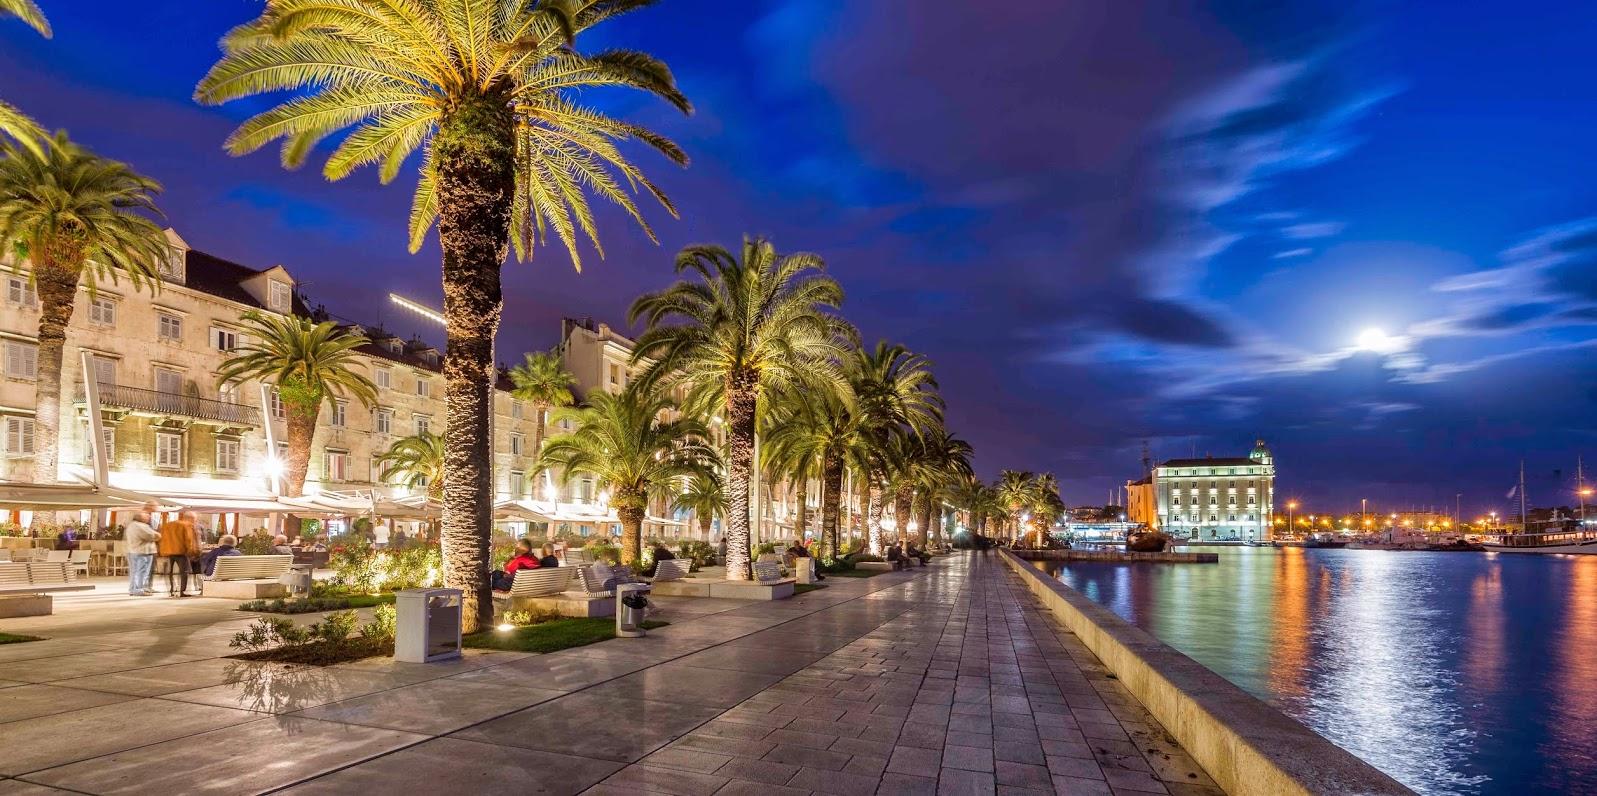 Visit Croatia's second Largest City – Split